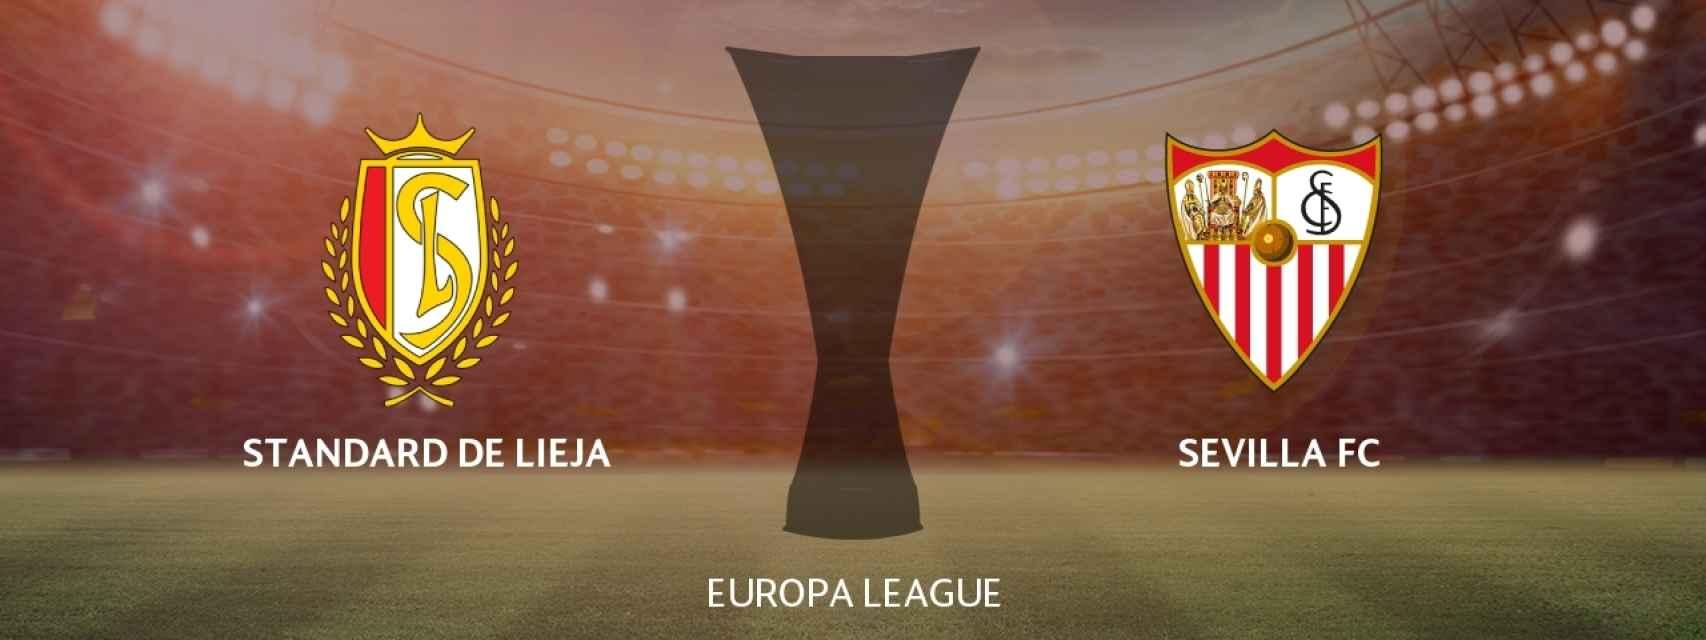 Standard de Lieja - Sevilla